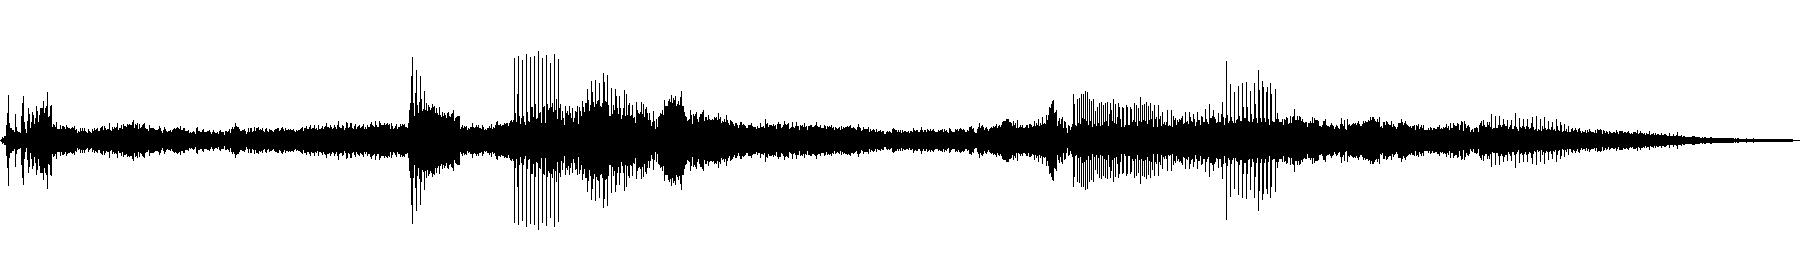 bluezone xworld sound 077